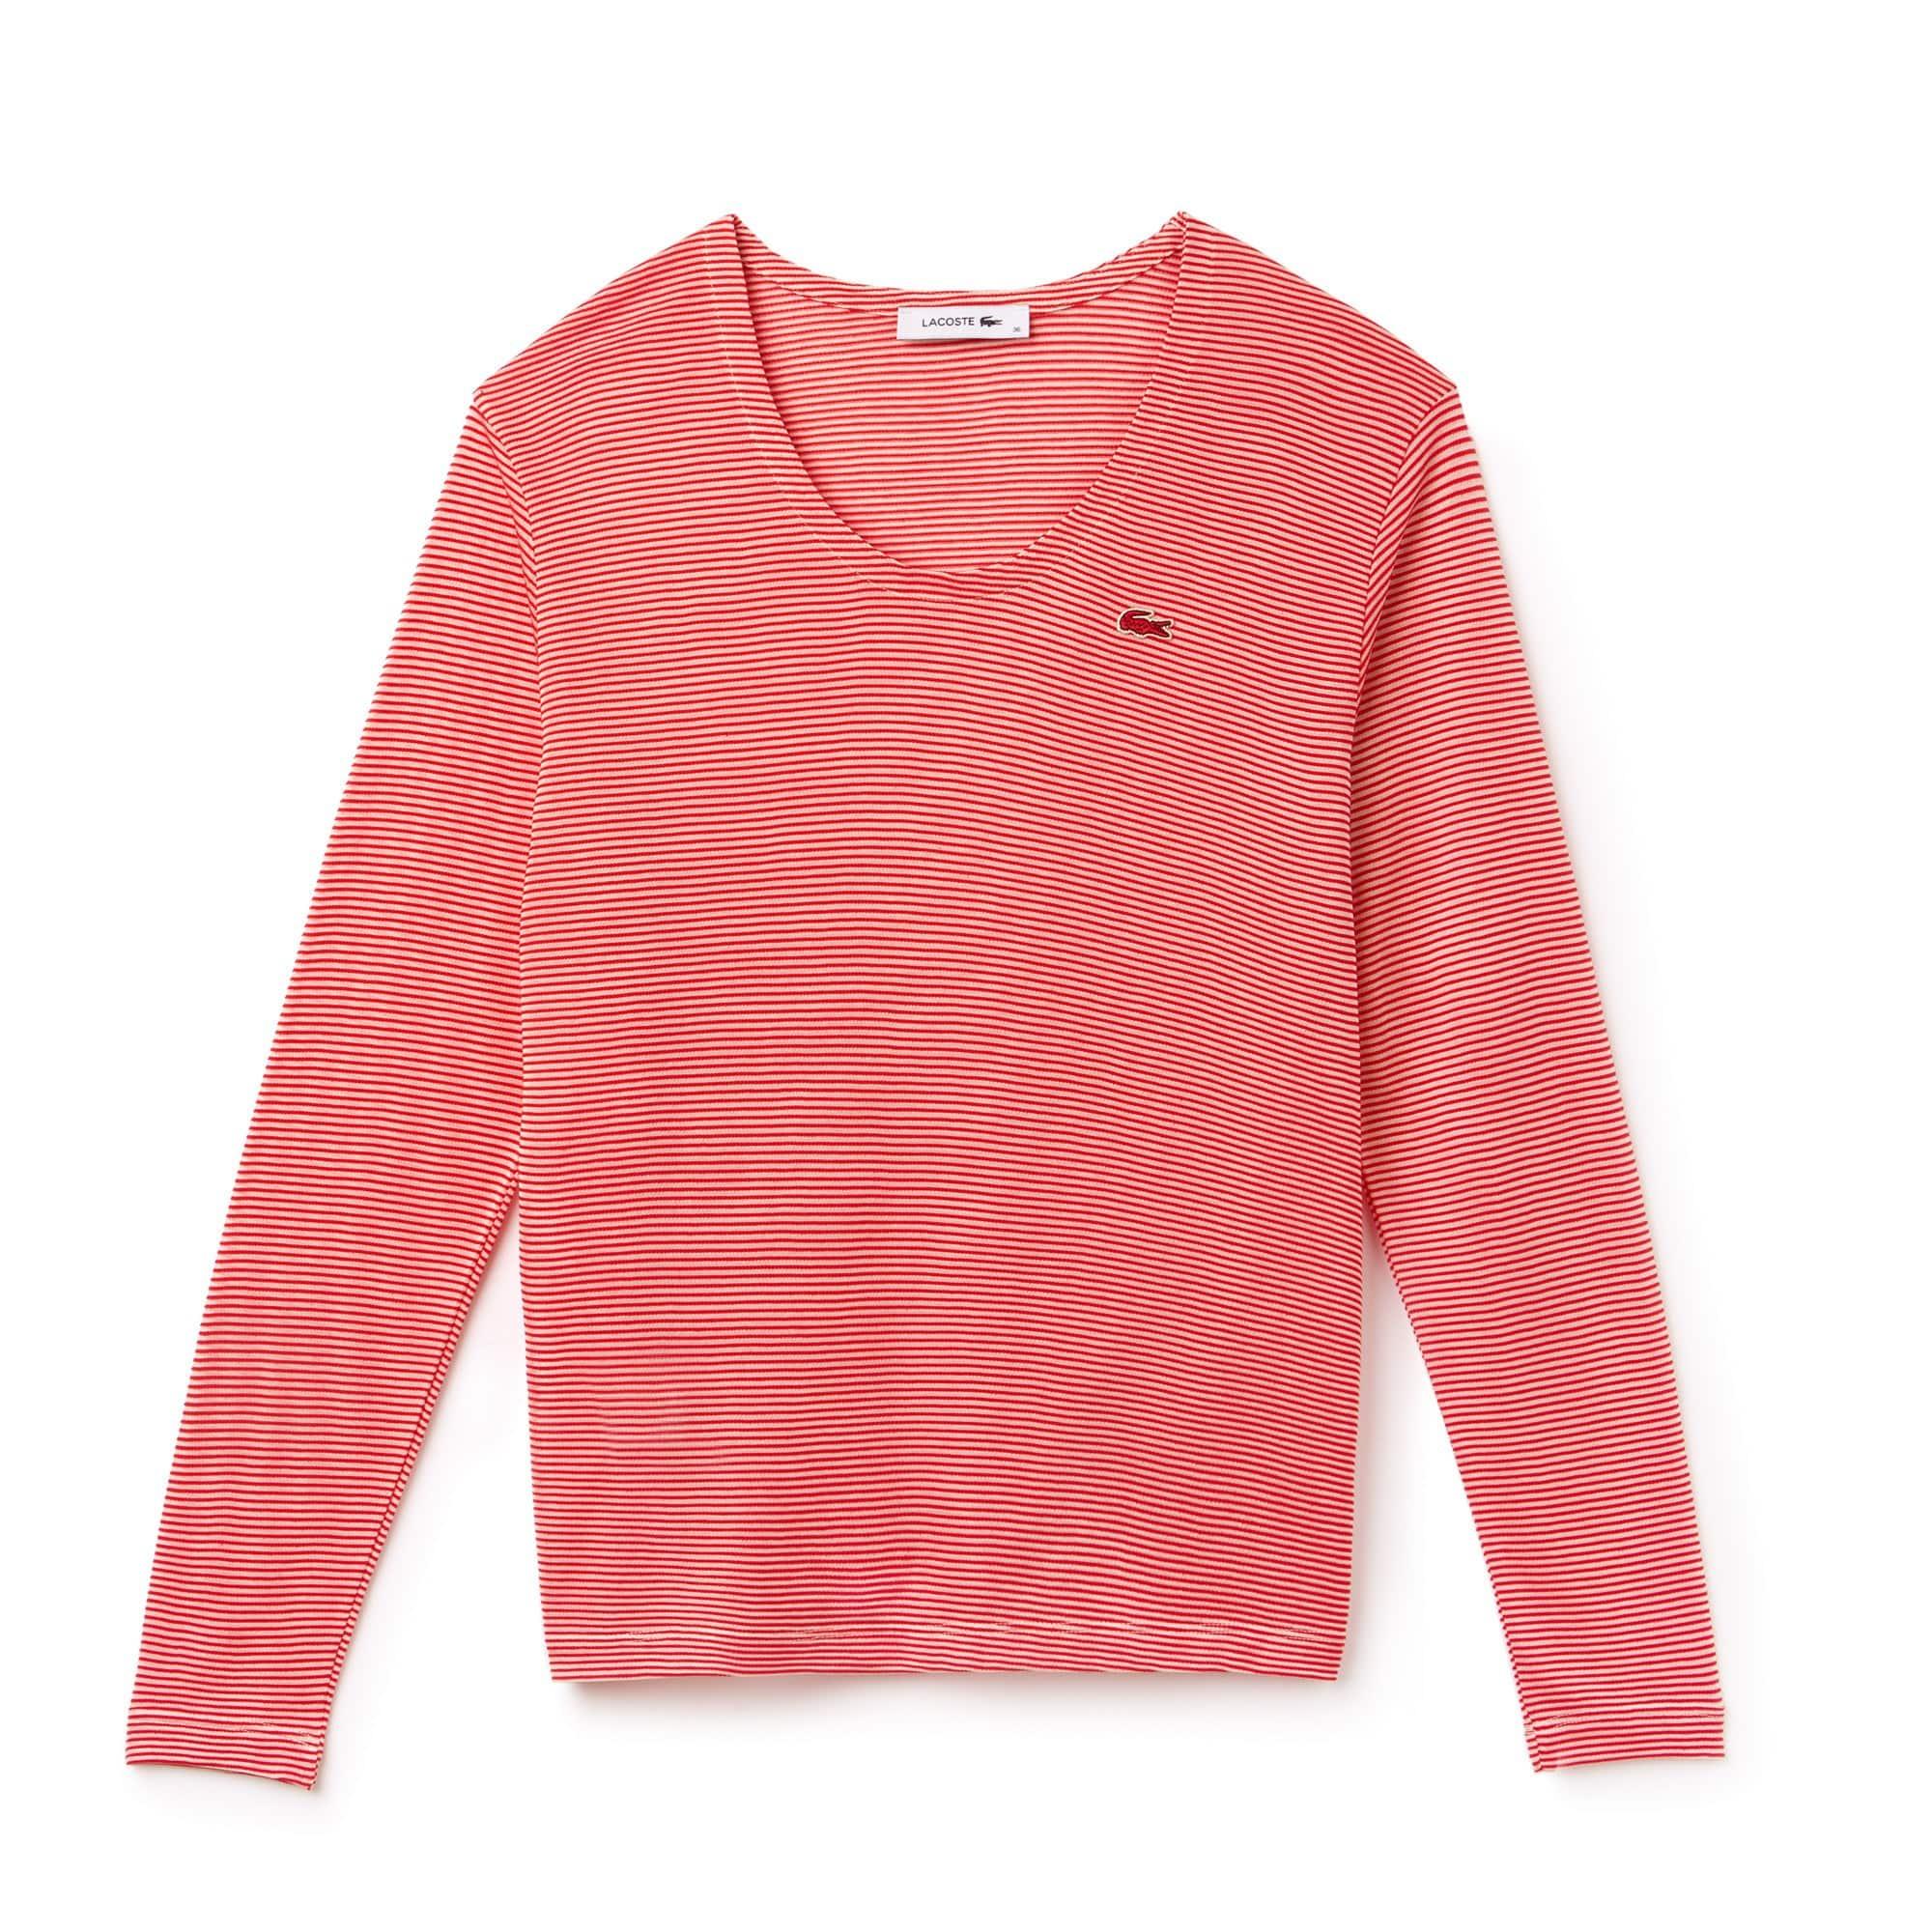 Women's Wide Neck Pinstriped Ottoman Jersey T-shirt